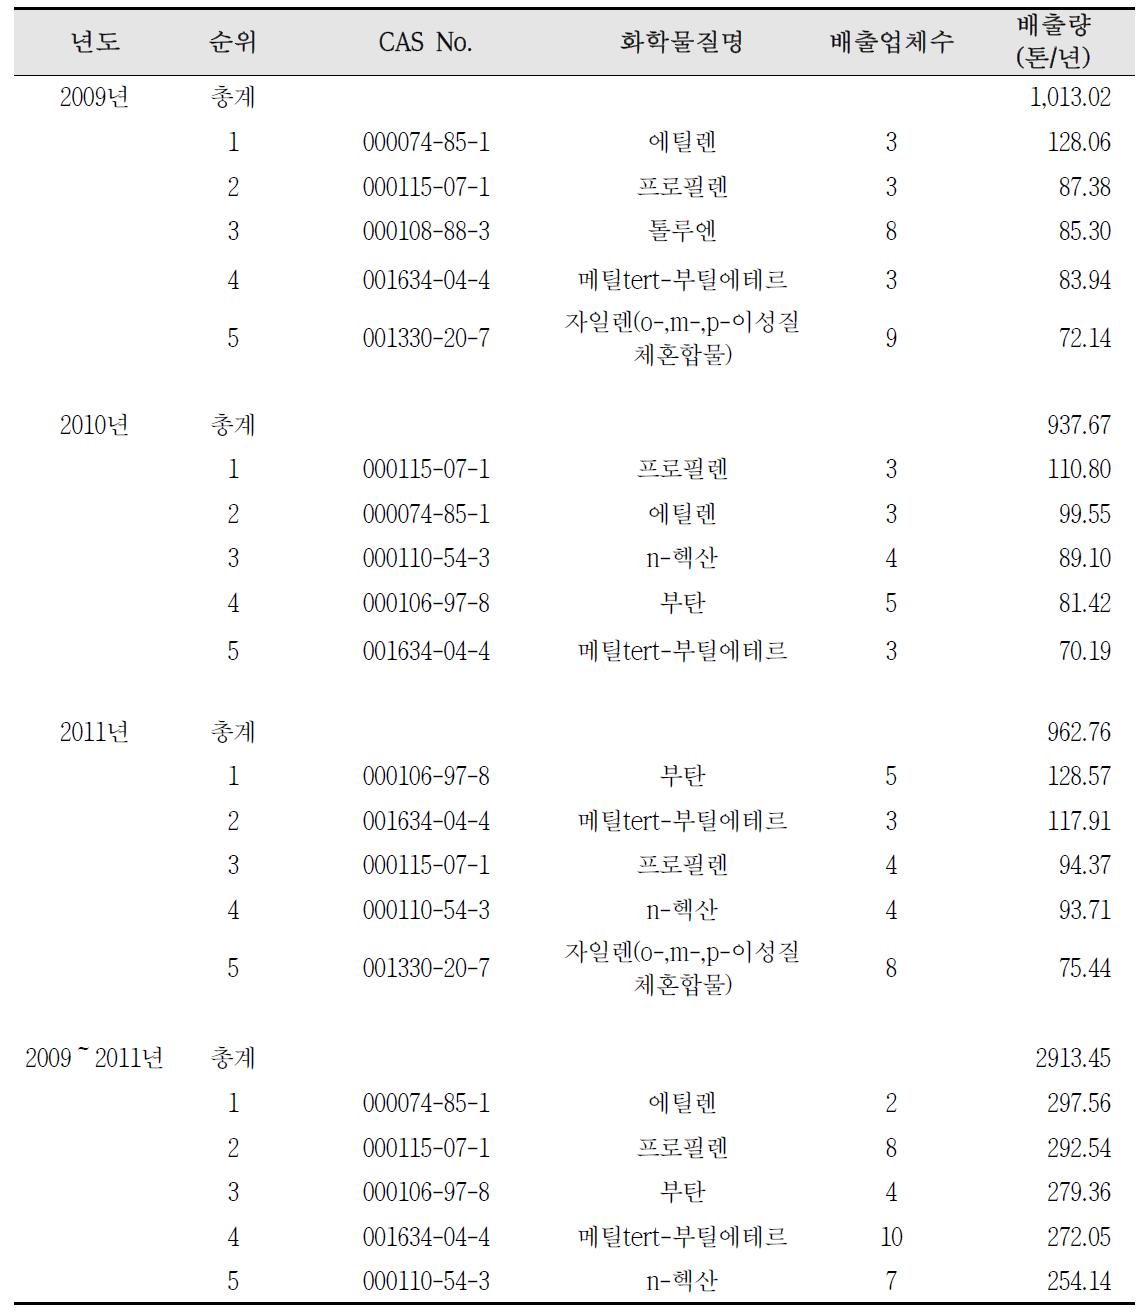 서산시 화학물질 배출량 현황(2009~2011)